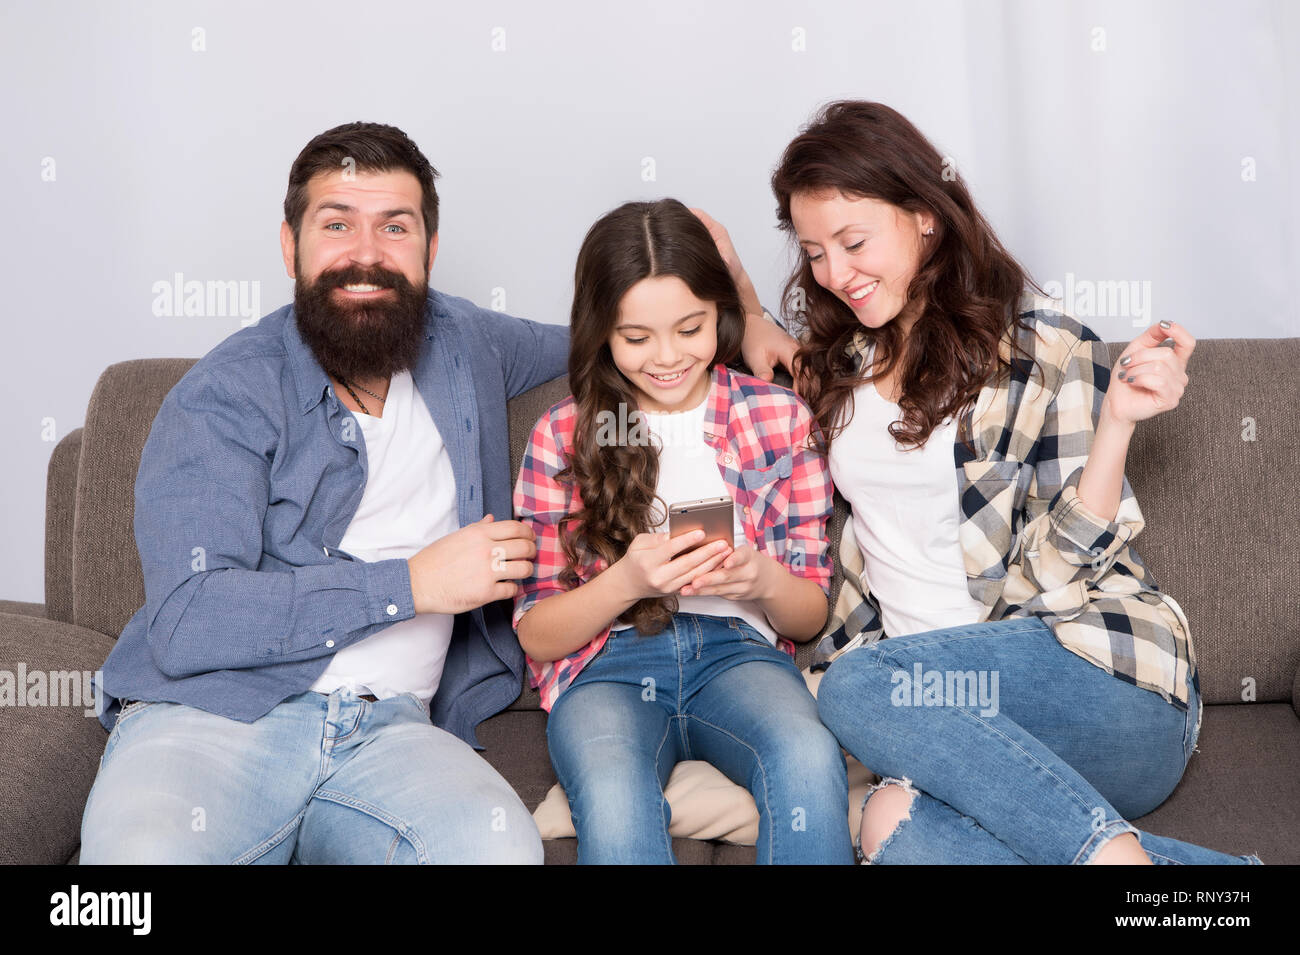 Il controllo genitori. Famiglia trascorrere weekend insieme. Bambino bambina utilizza lo smartphone con i genitori. Famiglia amichevole divertirsi insieme. Mamma e papà occupato figlia rilassante sul lettino. Vacanza in famiglia. Immagini Stock